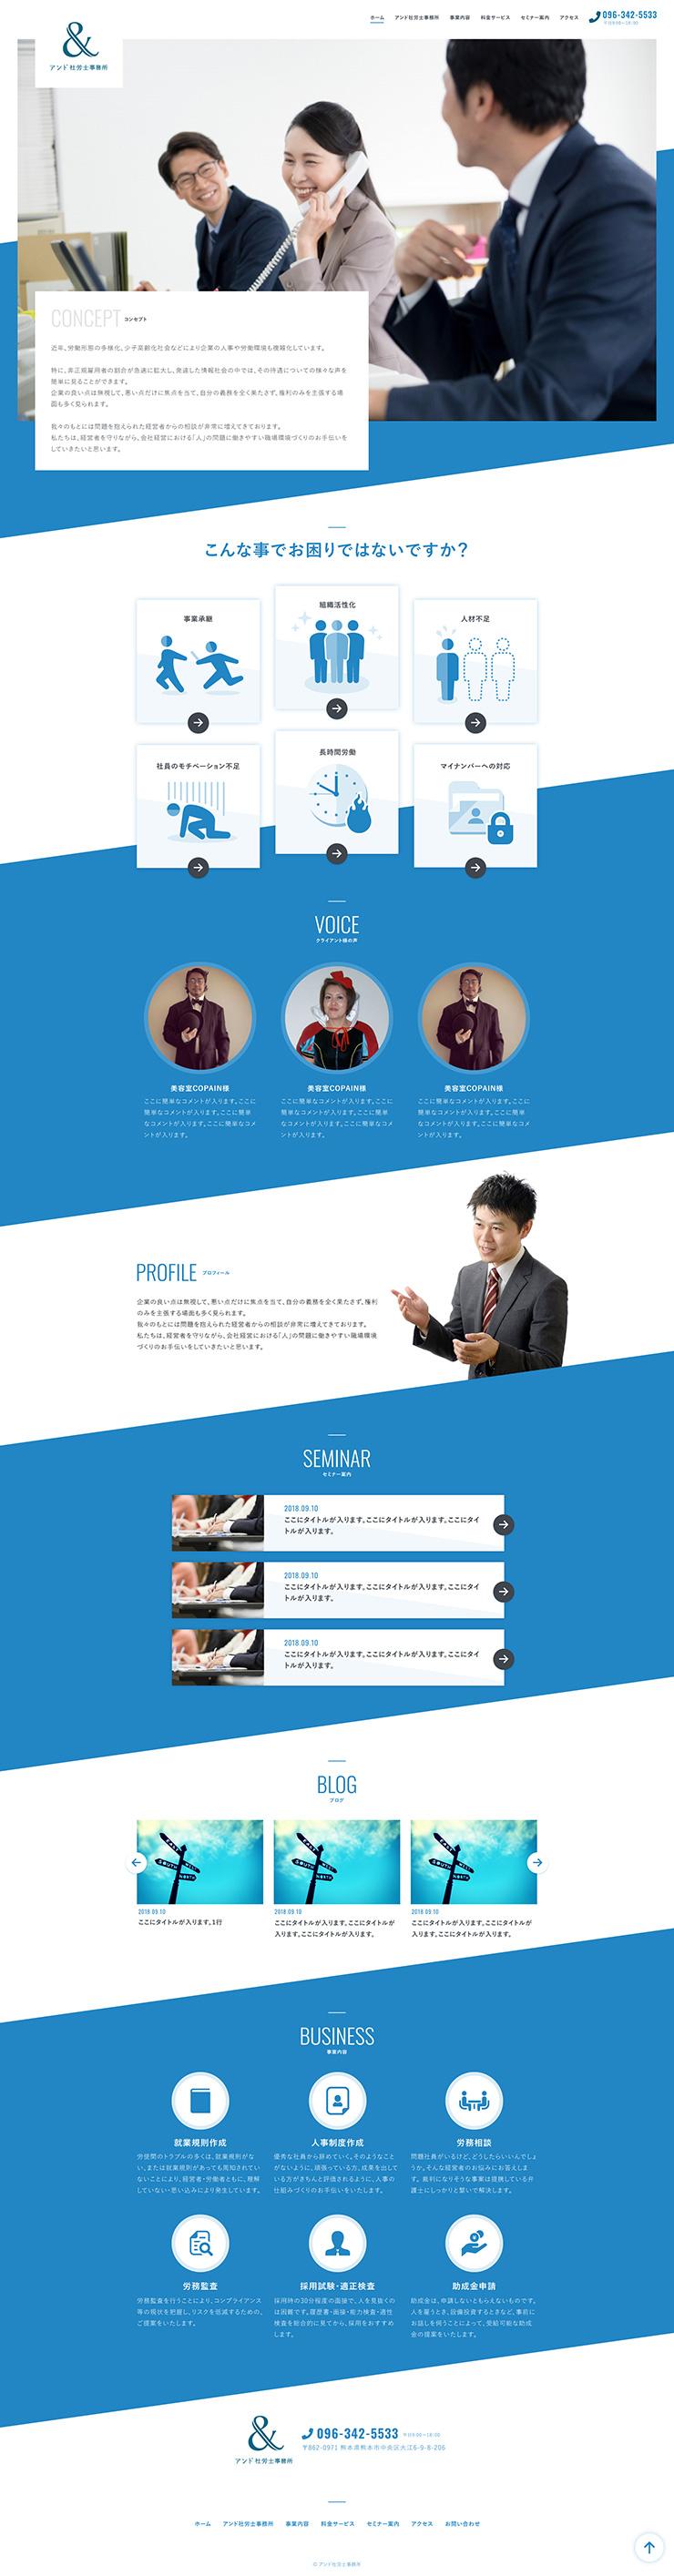 社労士事務所のwebサイト